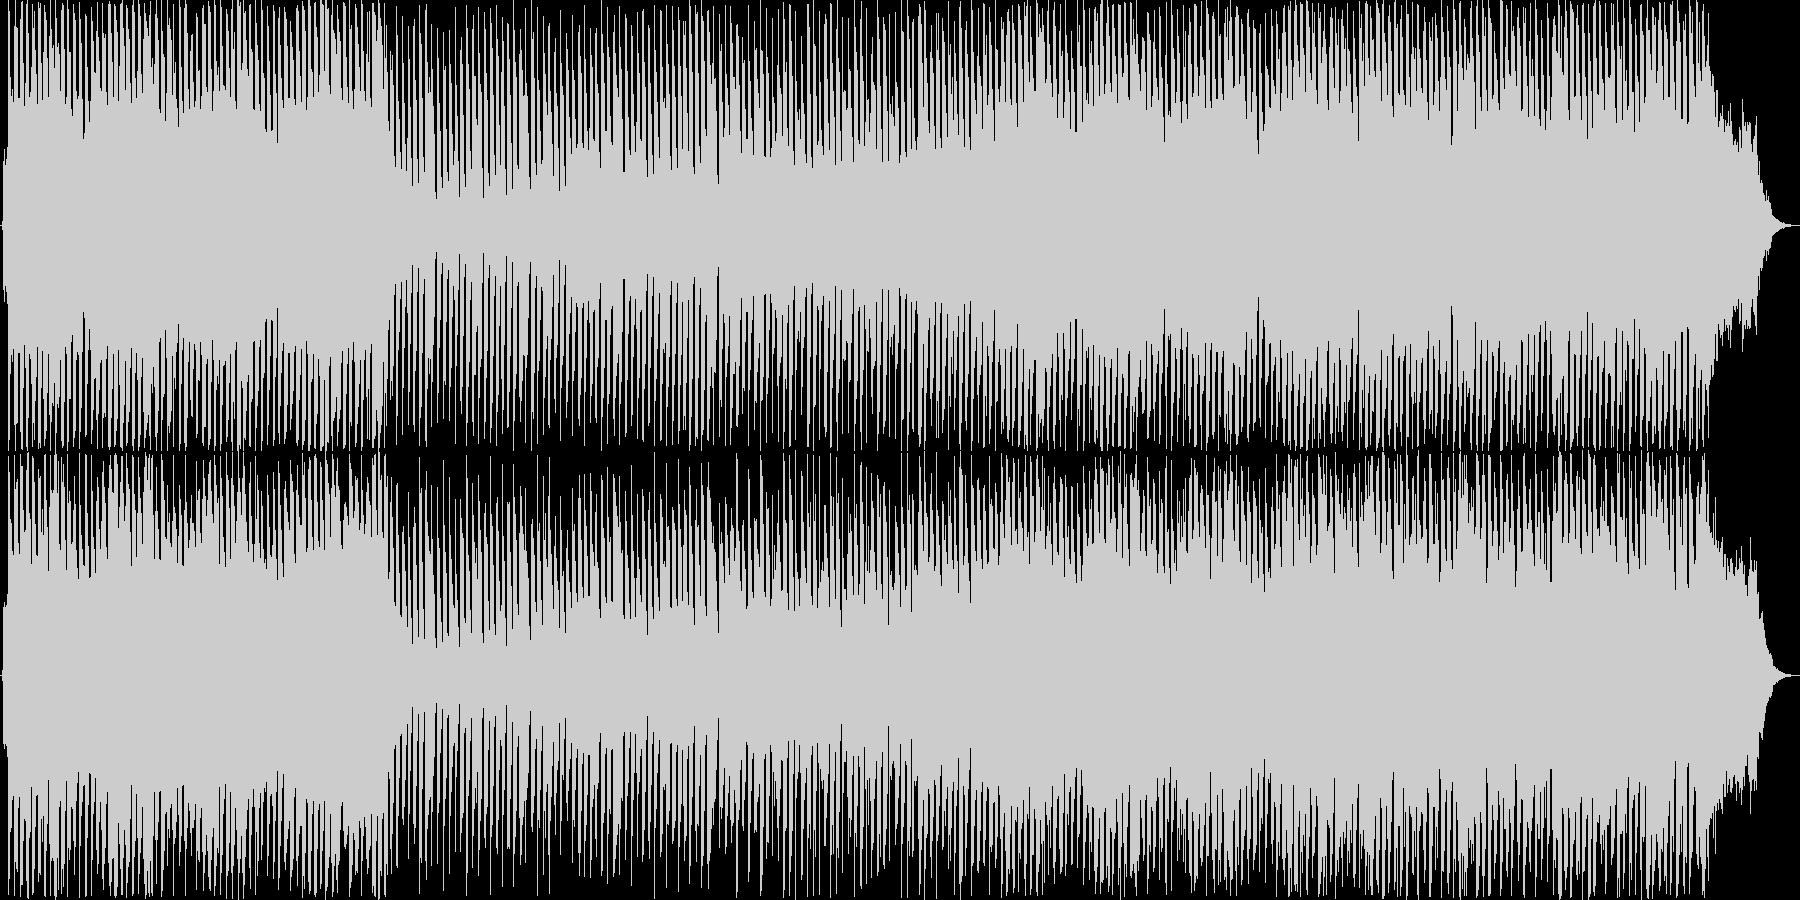 ストリングスを使ったポップBGMの未再生の波形